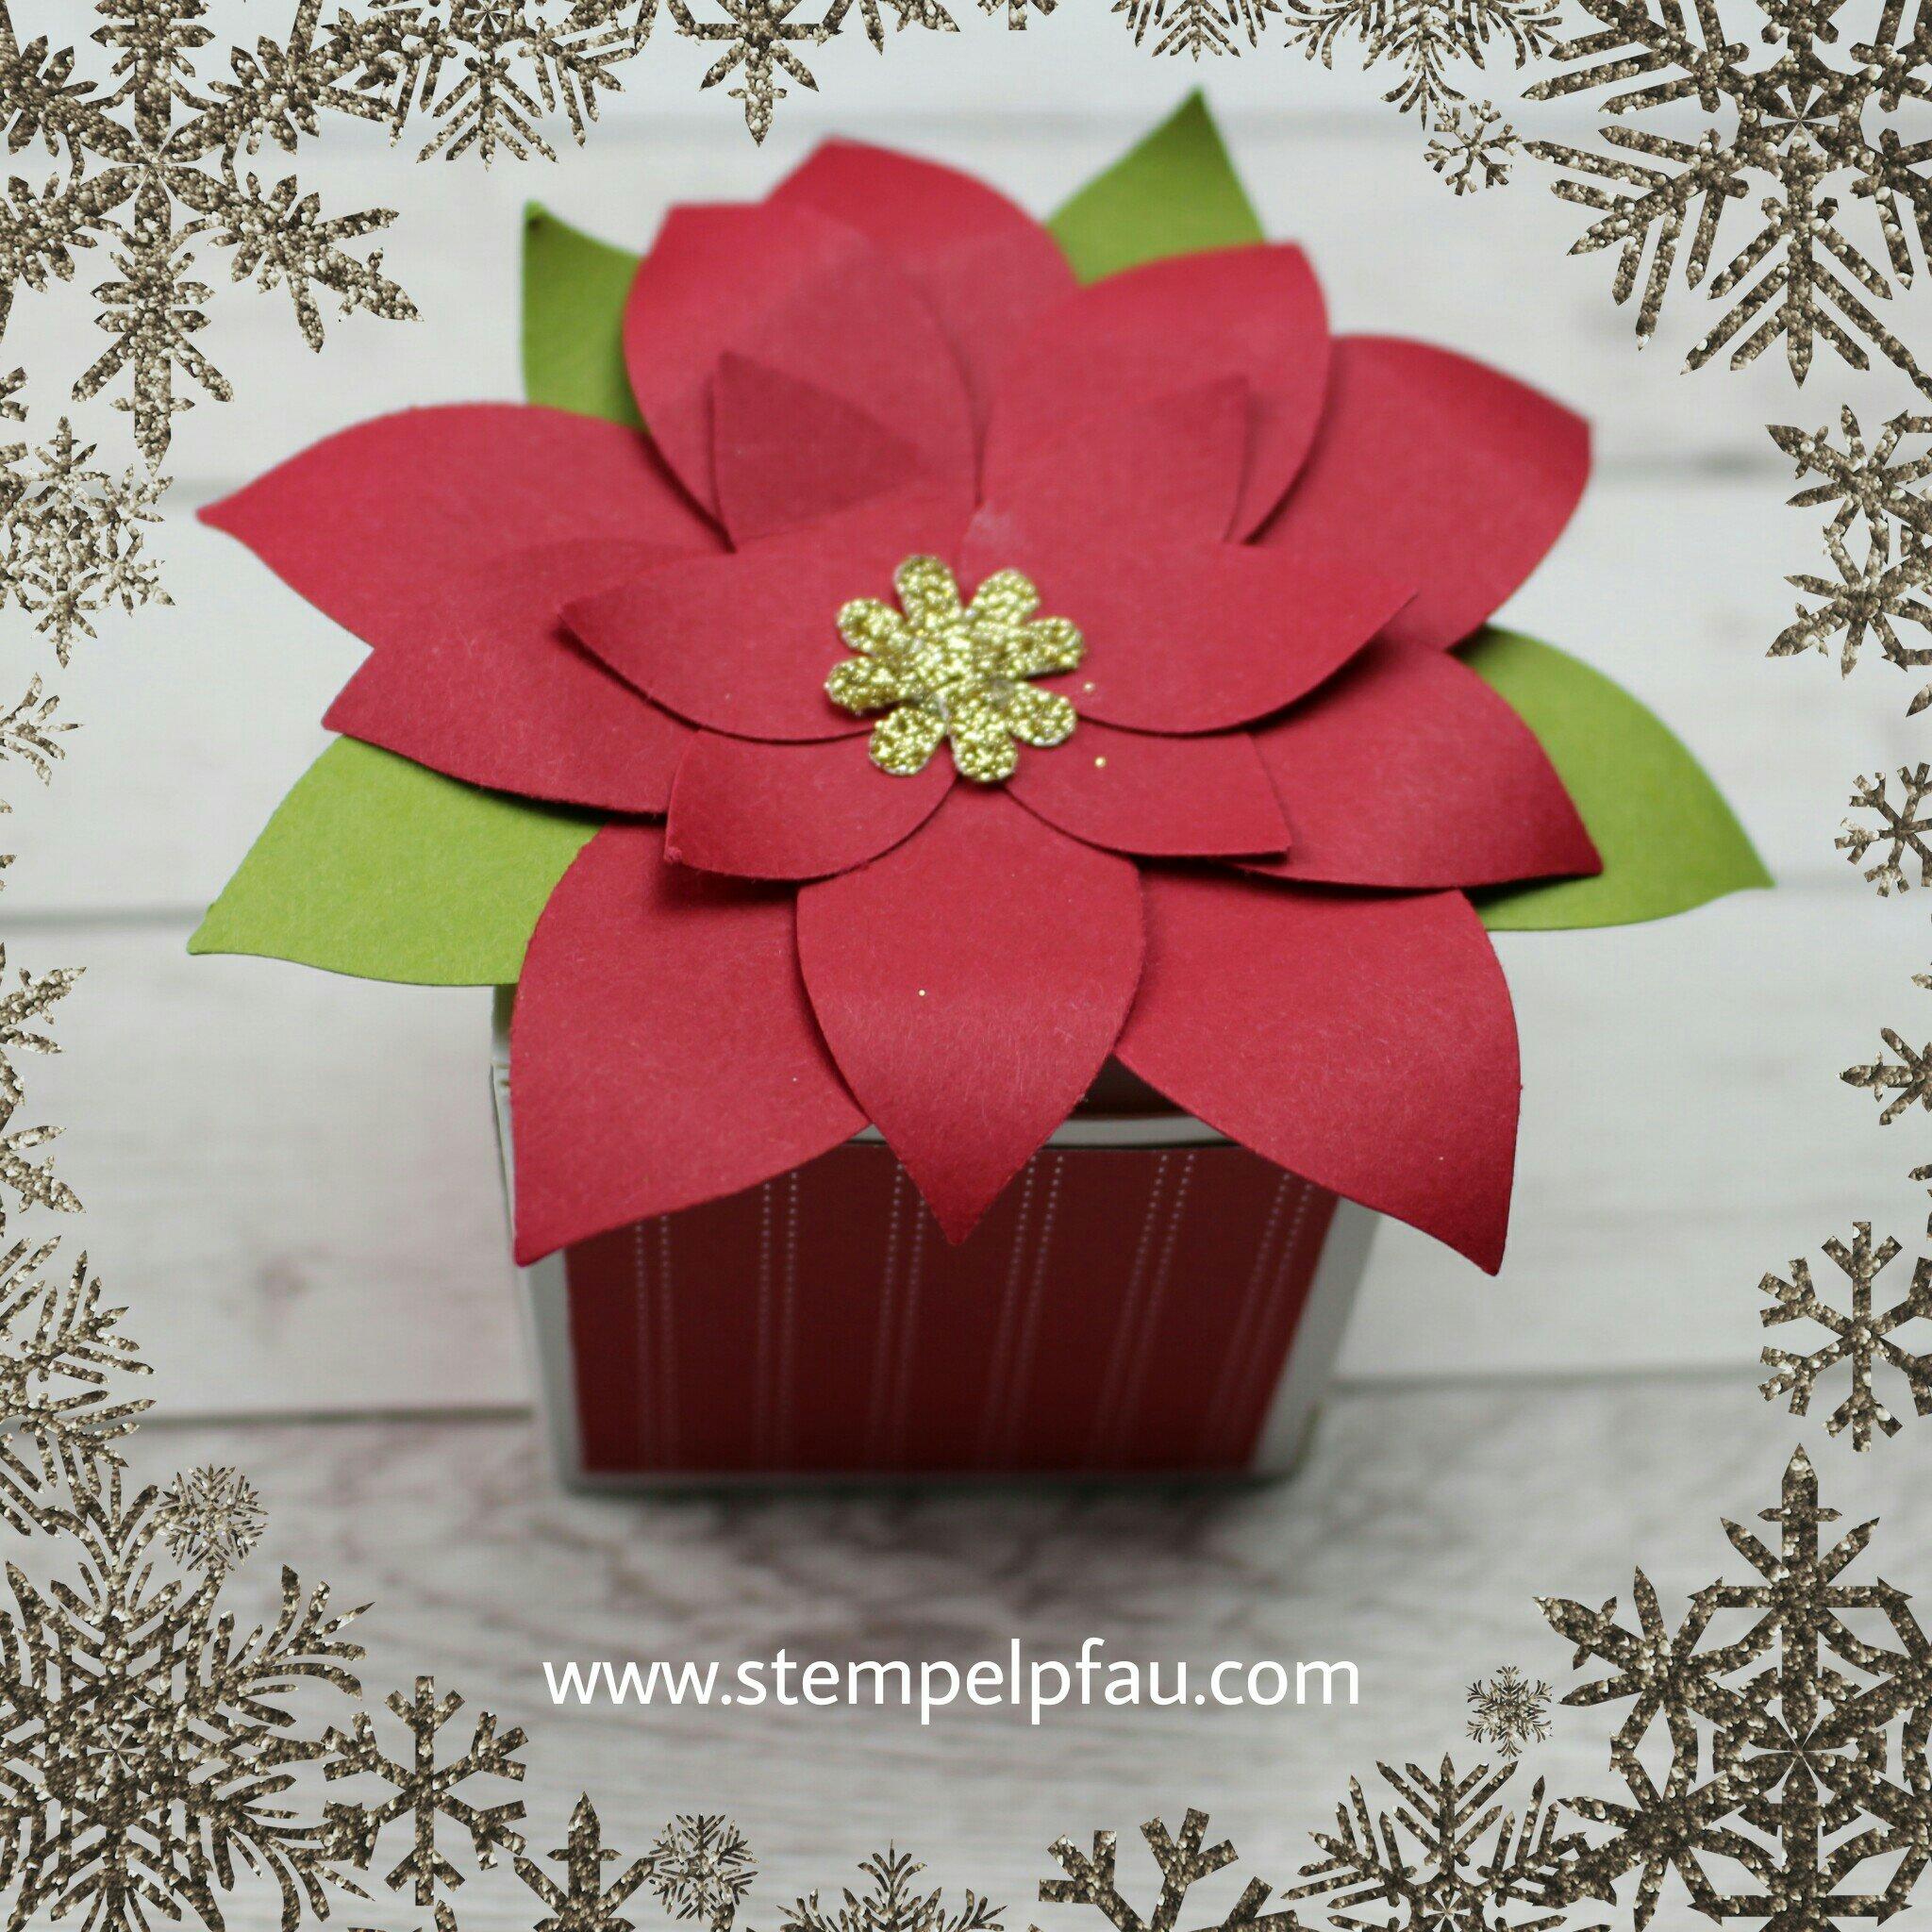 Kleine Goodies für liebe Menschen. Weihnachtsstern mit der Elementstanze Festliche Blüte von Stampin' Up!